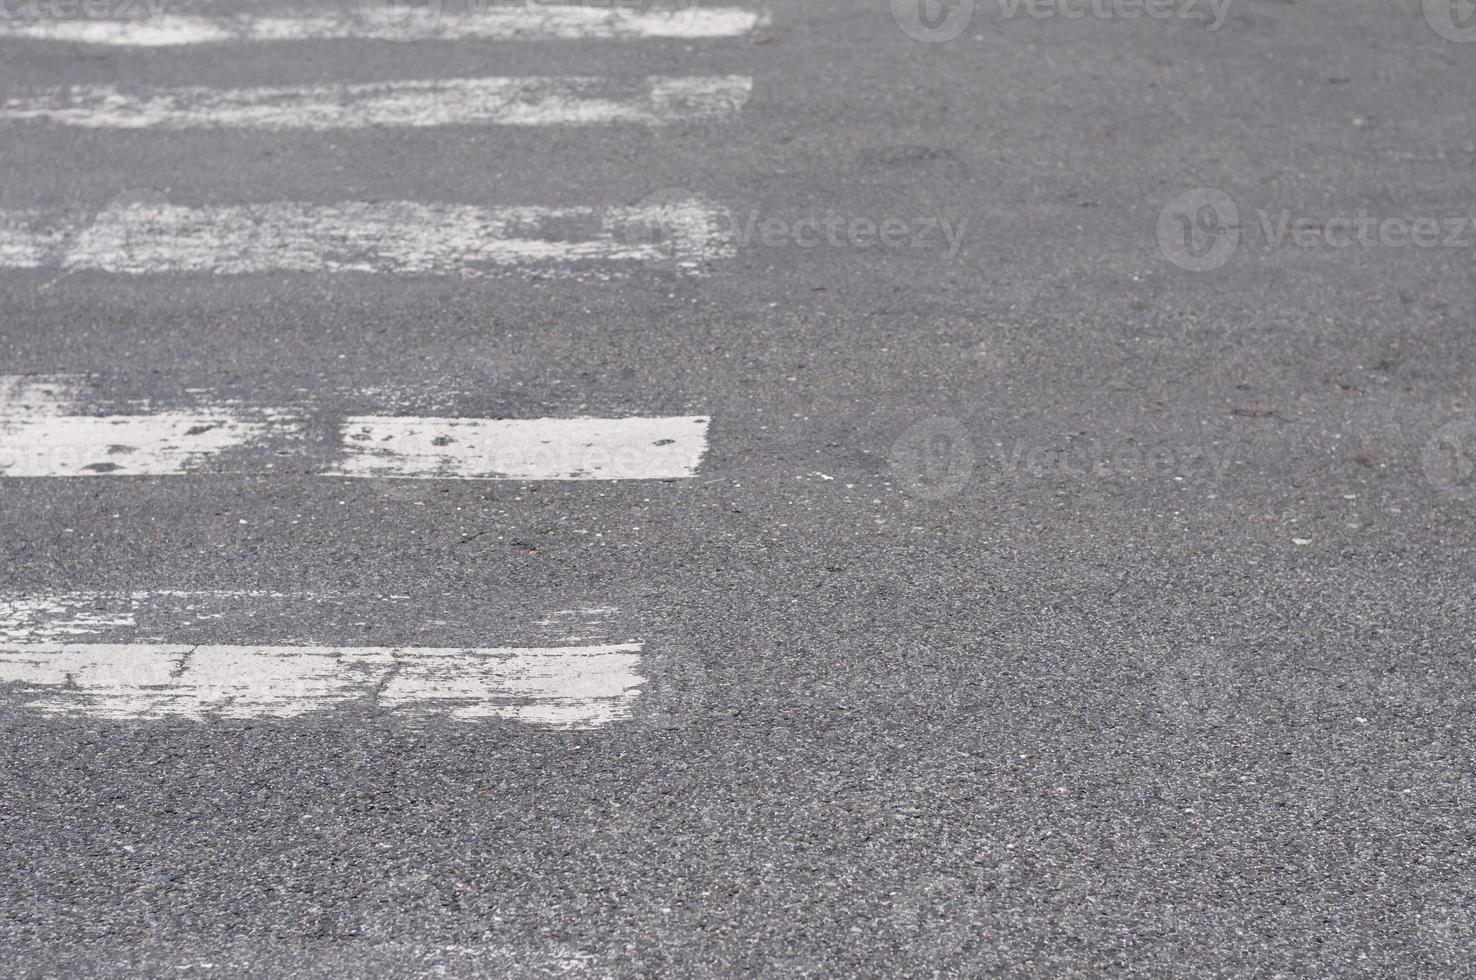 rue avec passage pour piétons photo